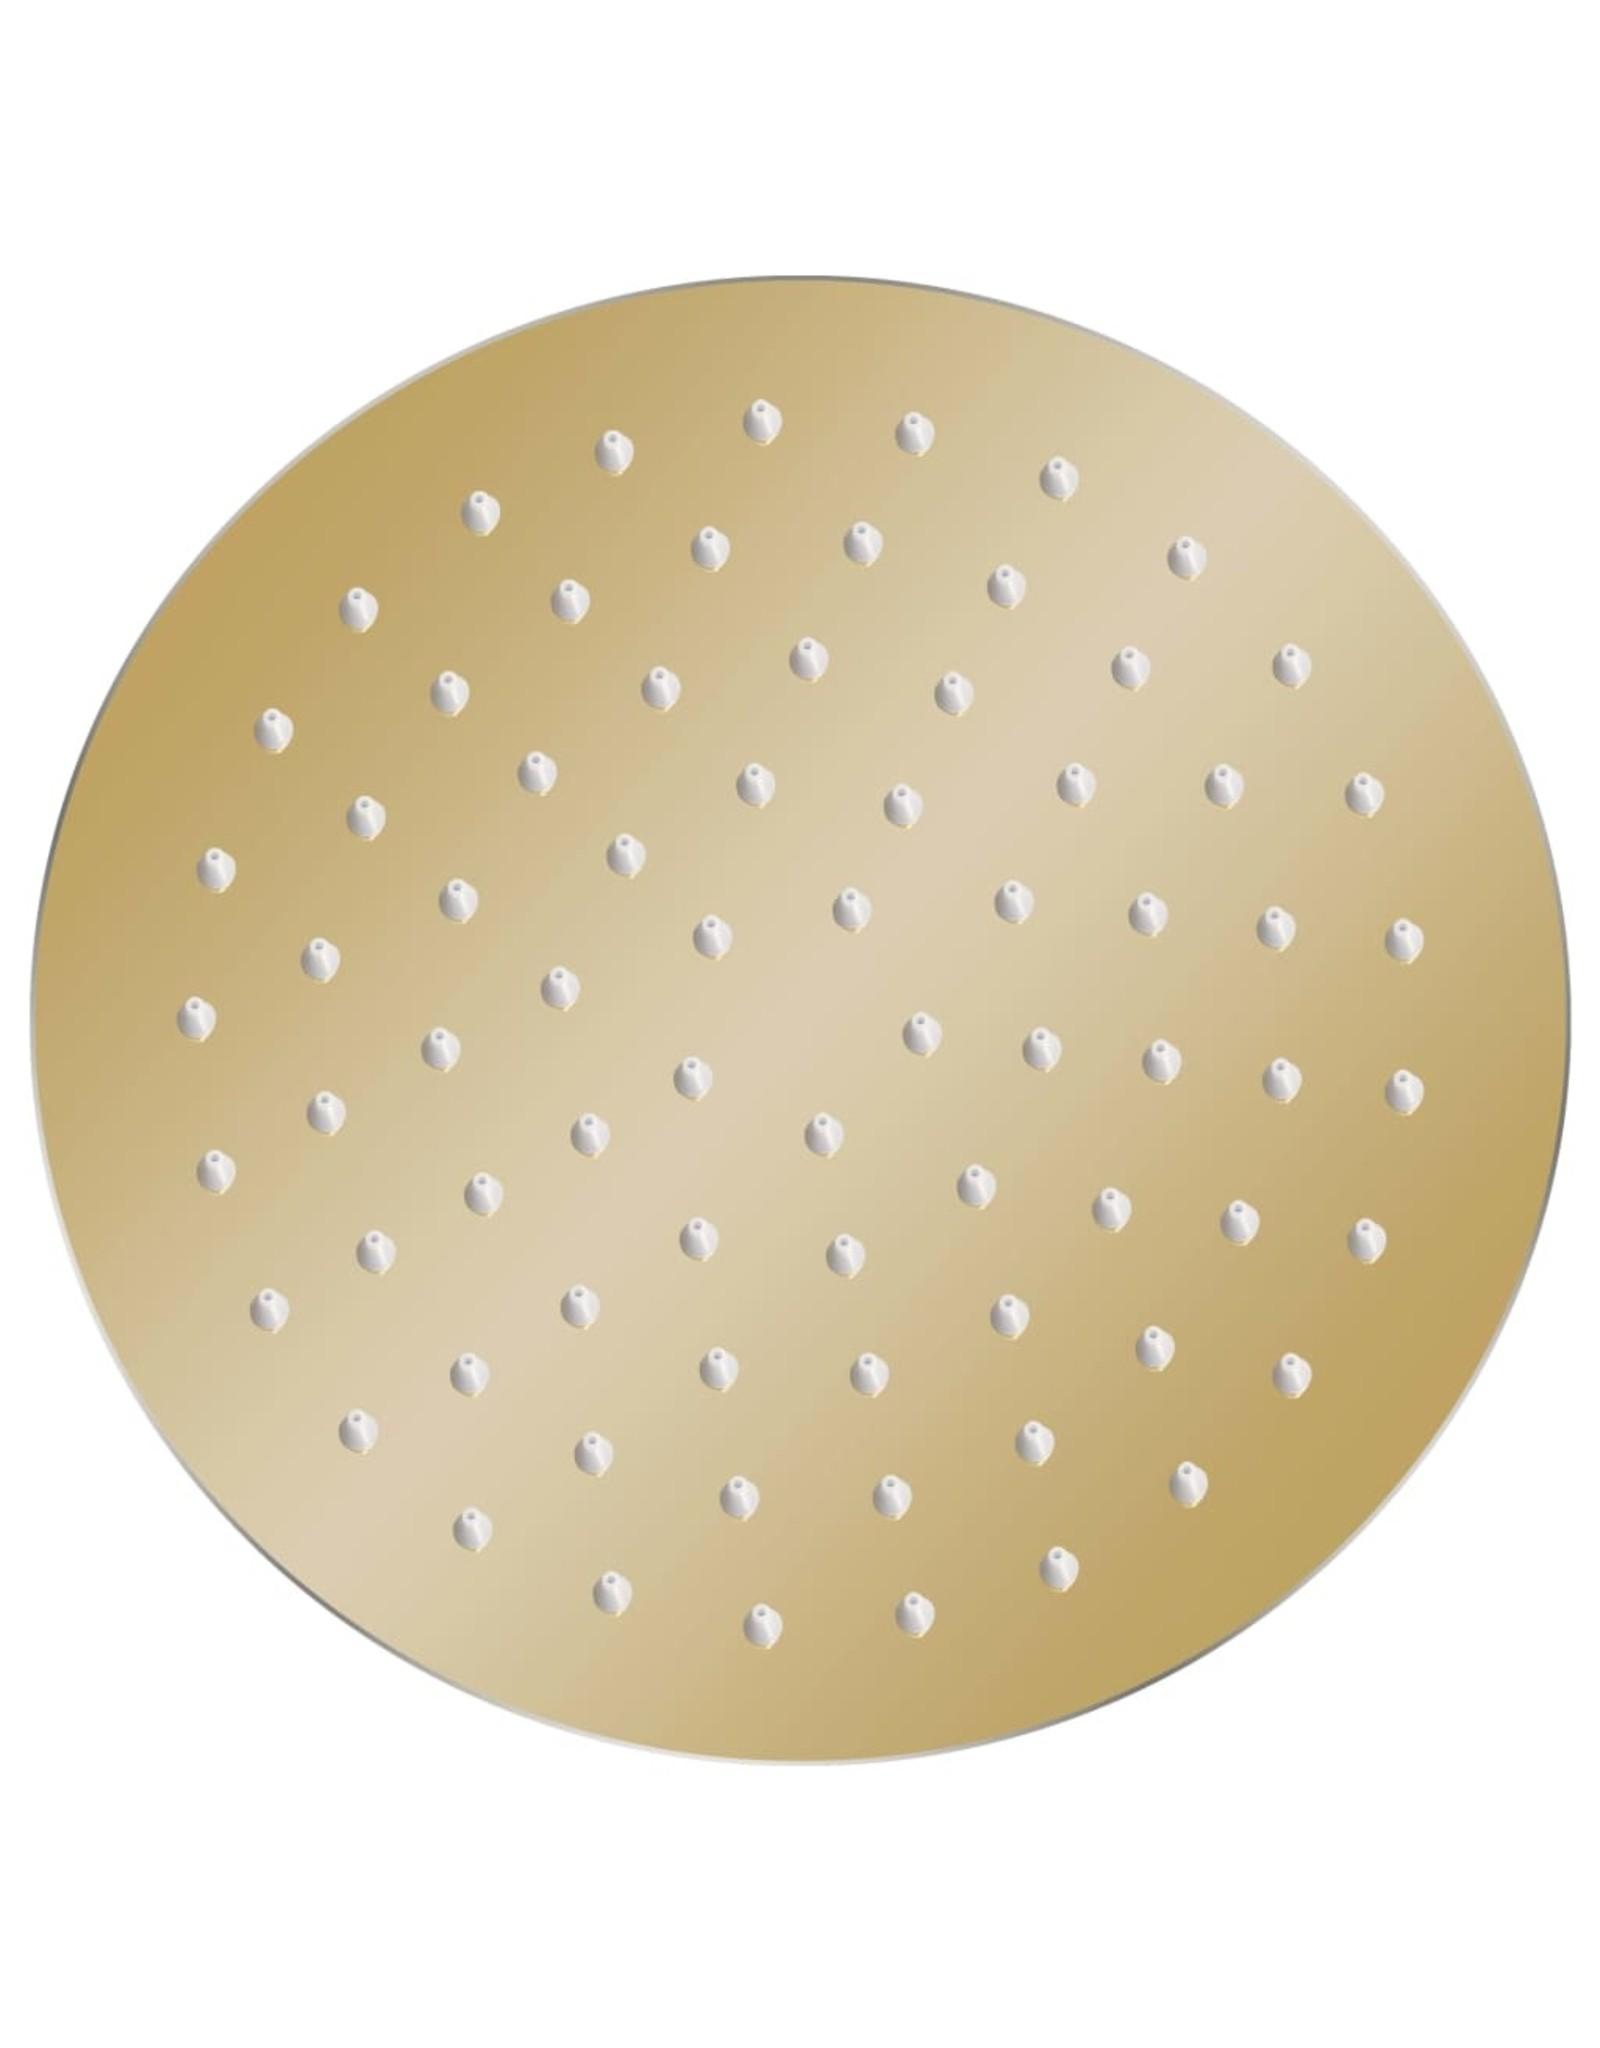 Regendouchekop rond 20 cm roestvrij staal goudkleurig